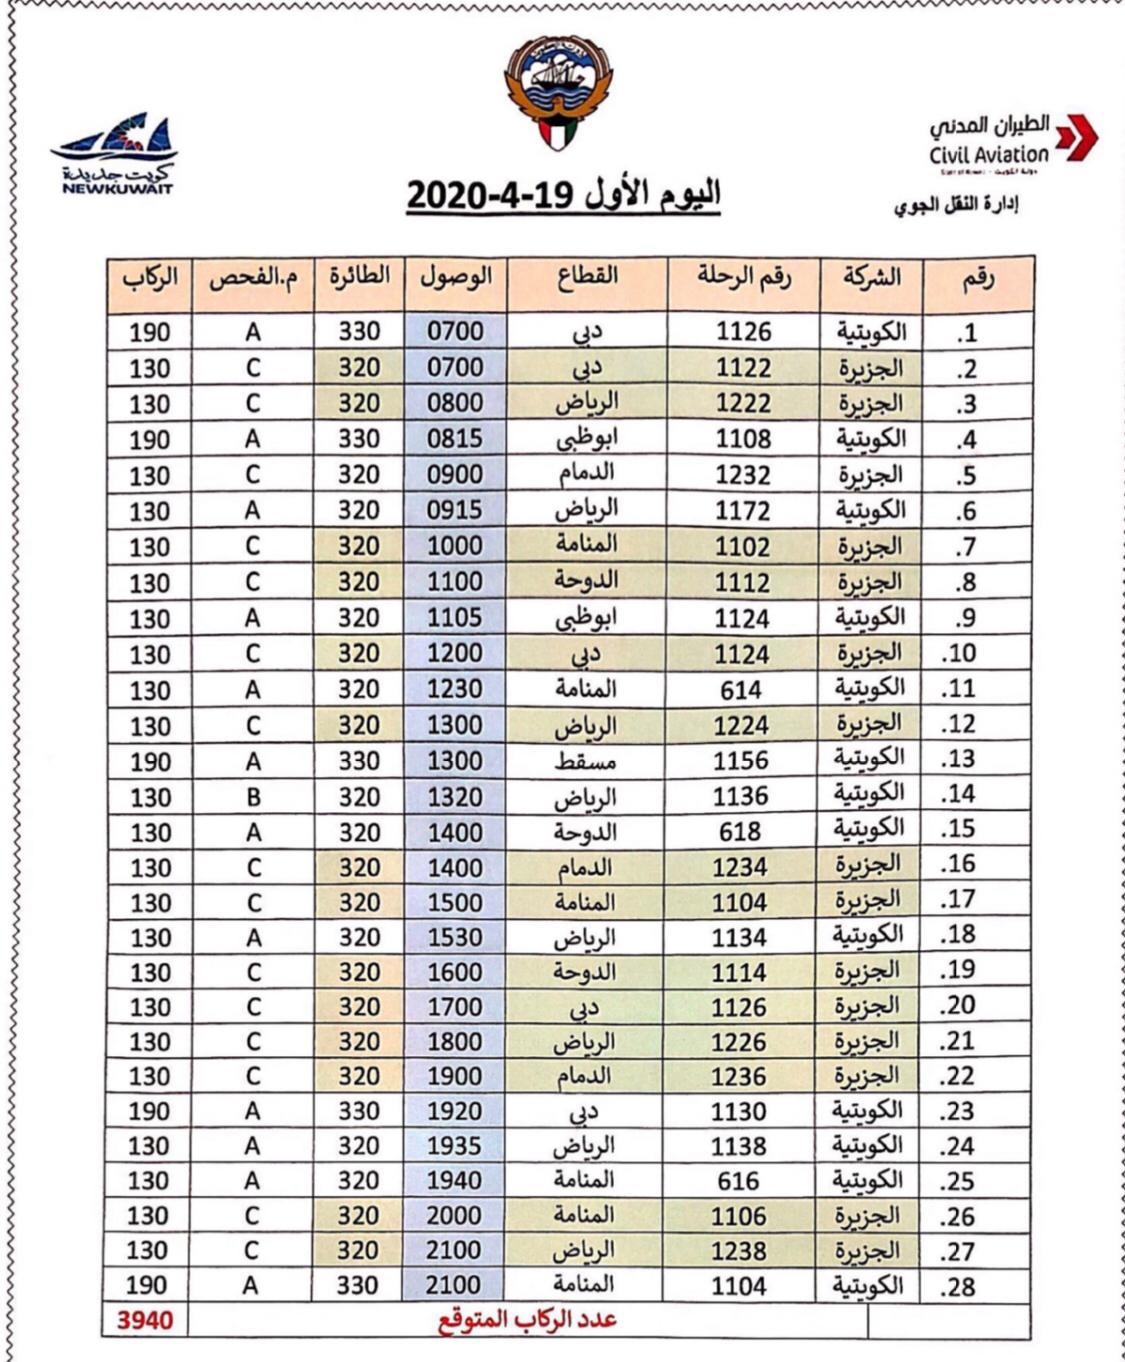 كونا الطيران المدني الكويتية تسير 75 رحلة جوية خلال المرحلة